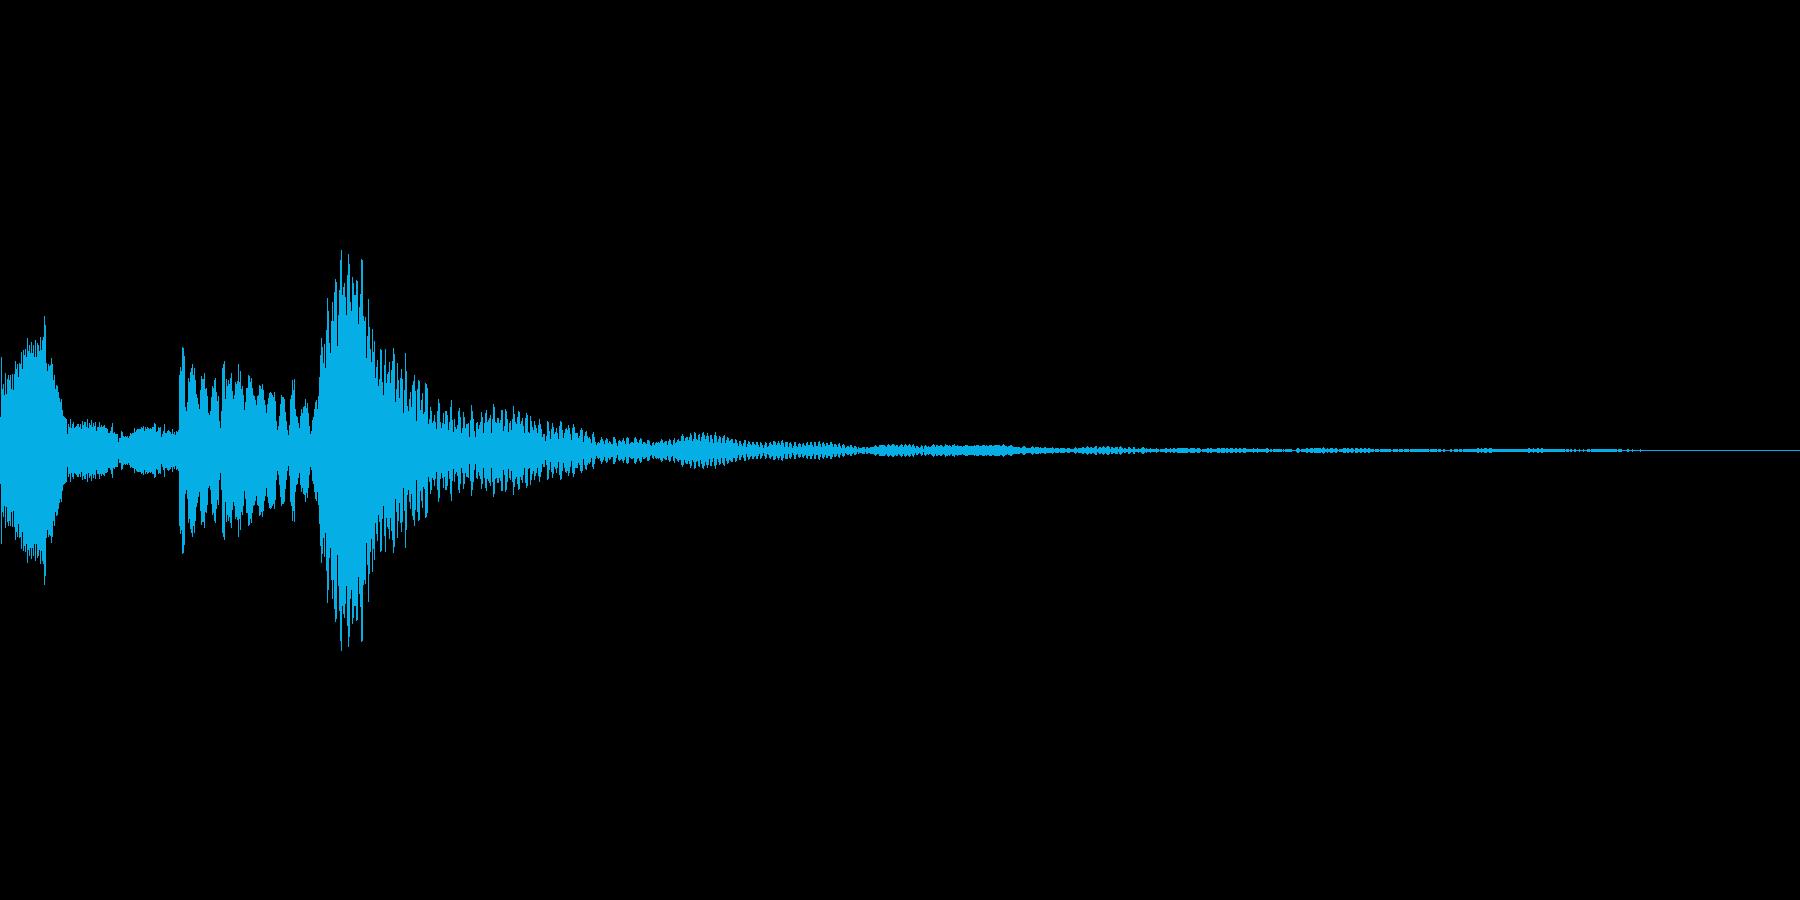 高めの音の効果音の再生済みの波形